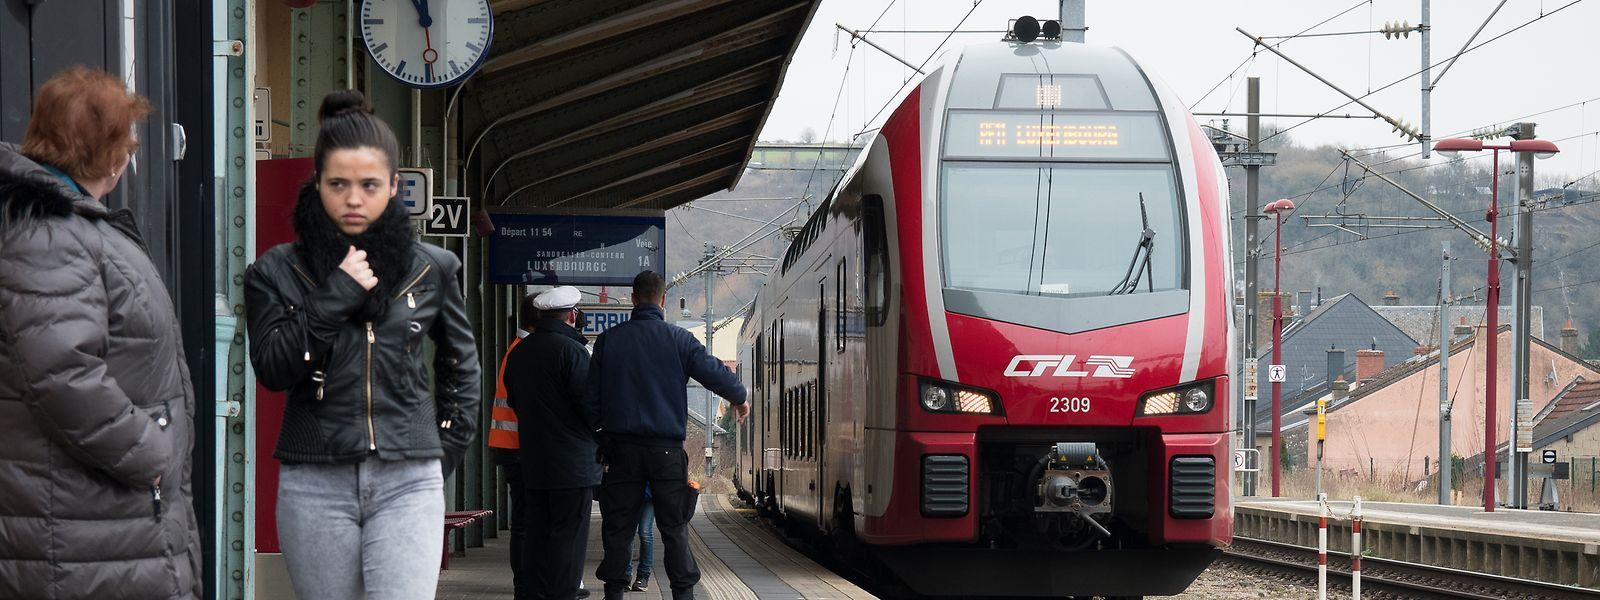 Vergangenes Jahr fuhren 23,3 Millionen Menschen mit dem Zug.